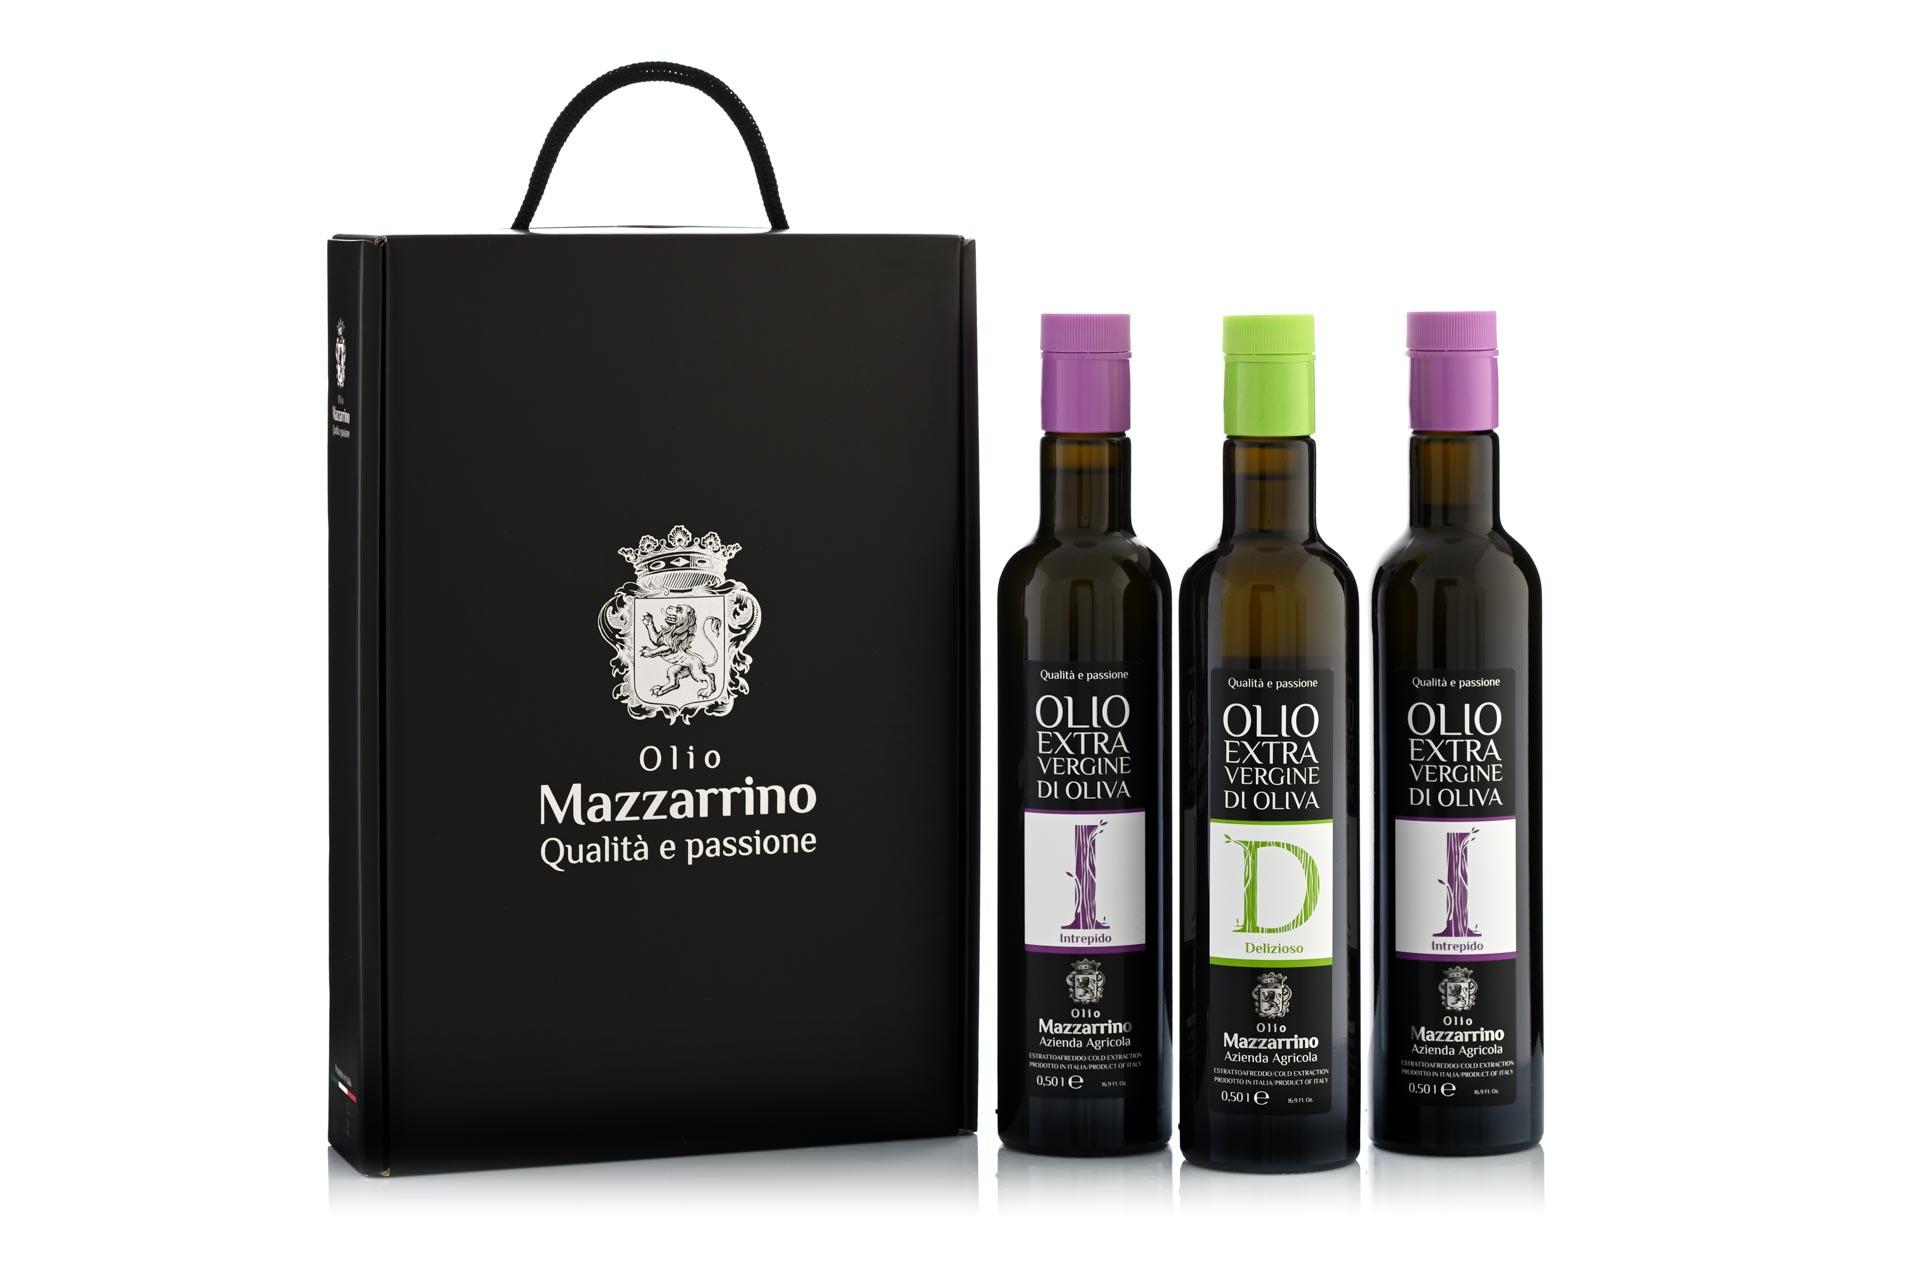 Confezione Regalo Olio Mazzarrino 3 x 500 ml